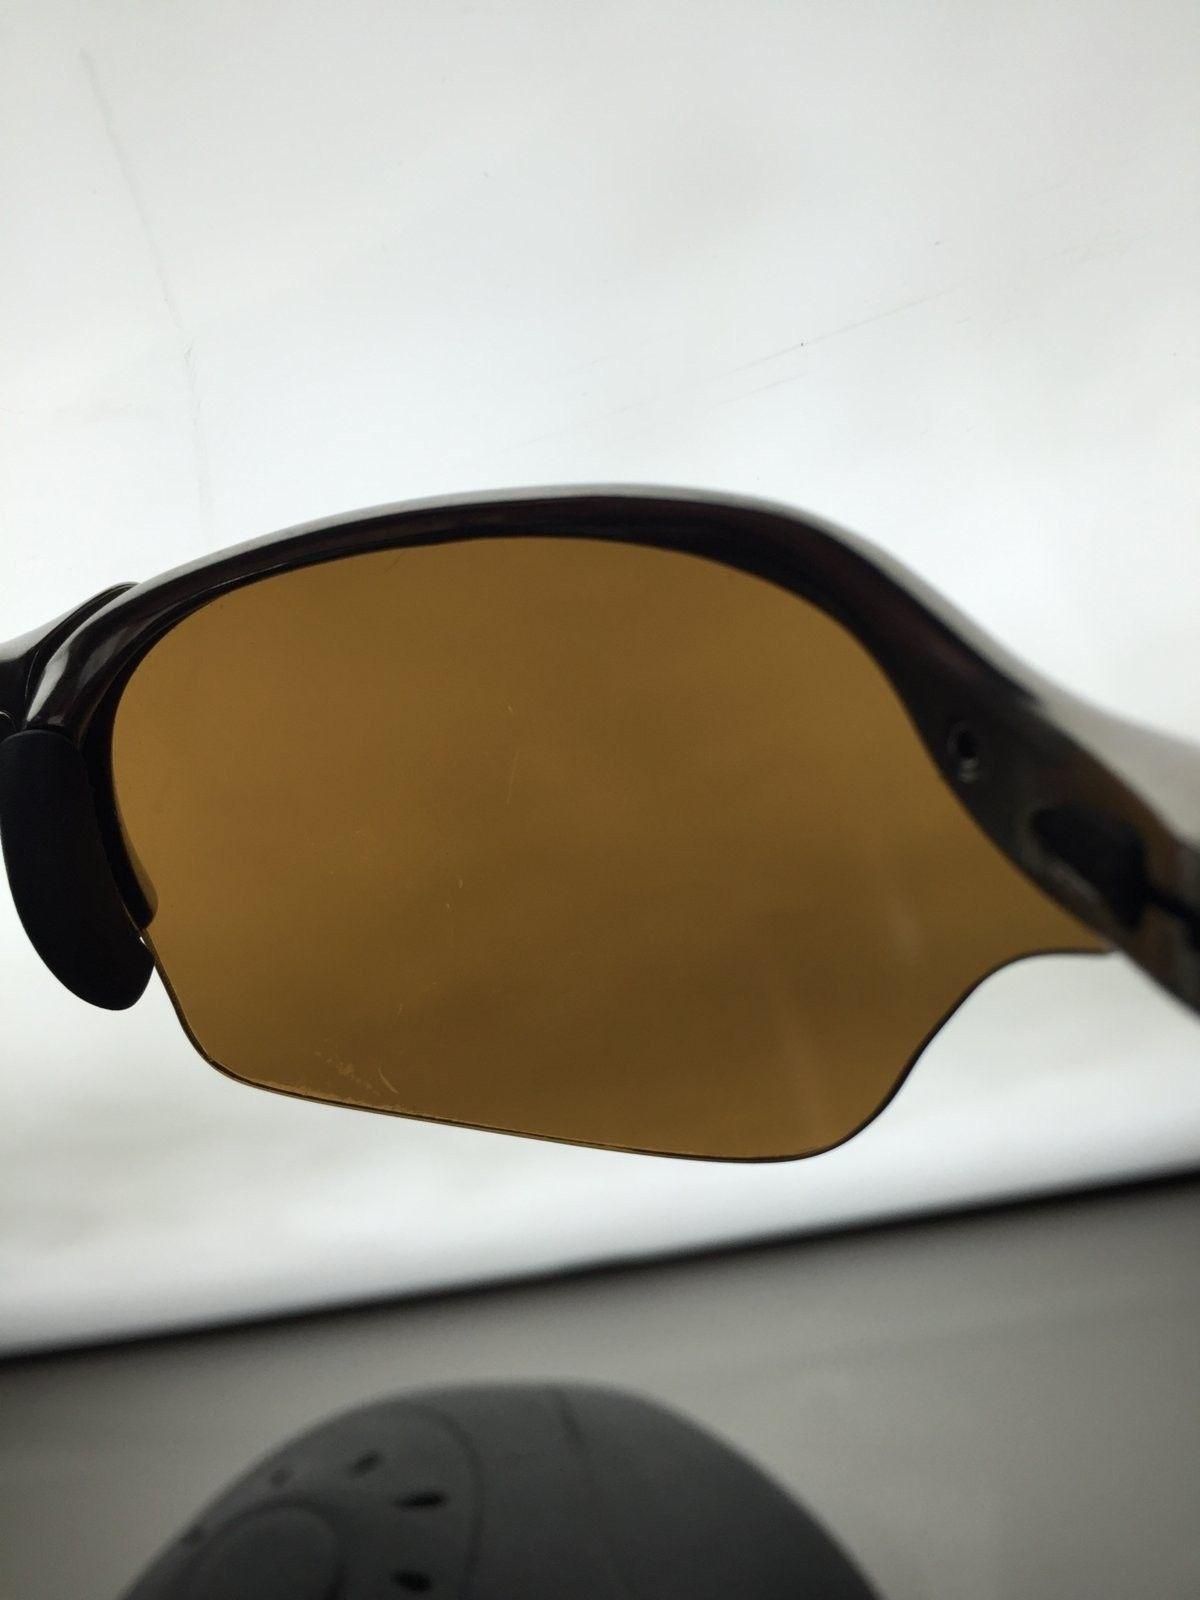 WTS Romeo 2 Polished w/ Gold iridium #SOLD - image.jpeg